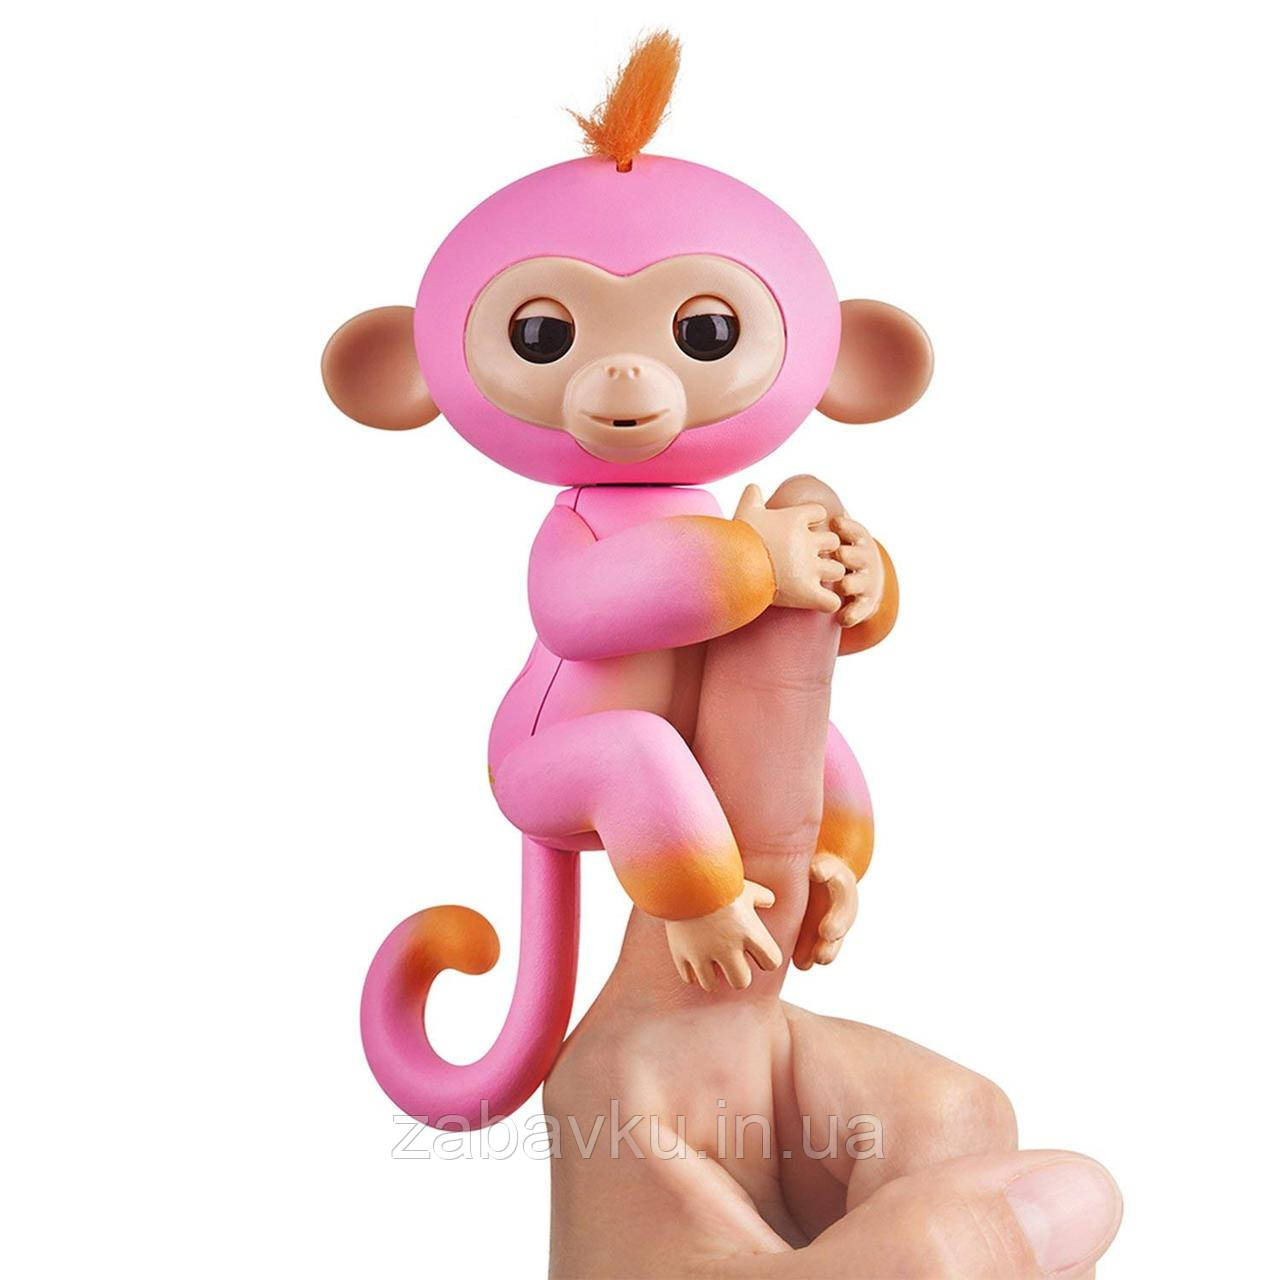 Фінгерлінз інтерактивна мавпочка WowWee Fingerlings, Фингерлингз интерактивная обезьянка на палец оригинал